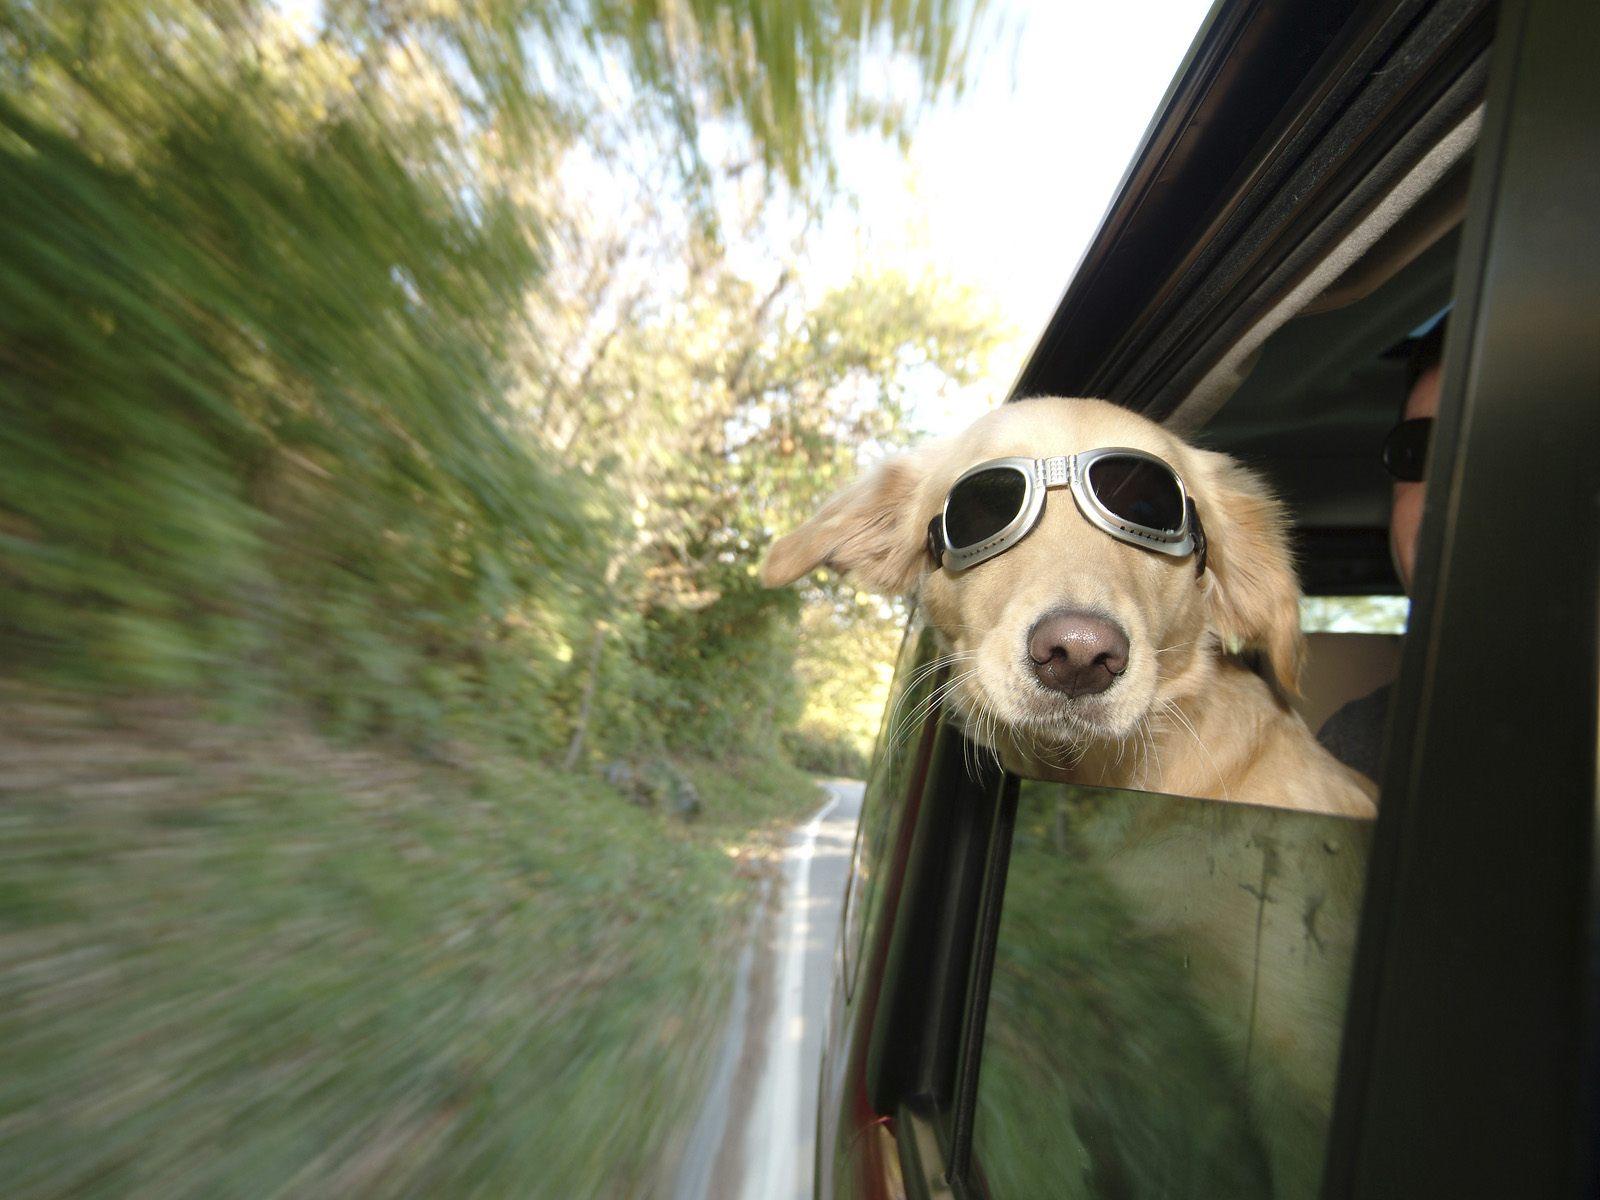 Conduzir com animais nos carros prejudica em muito a condução